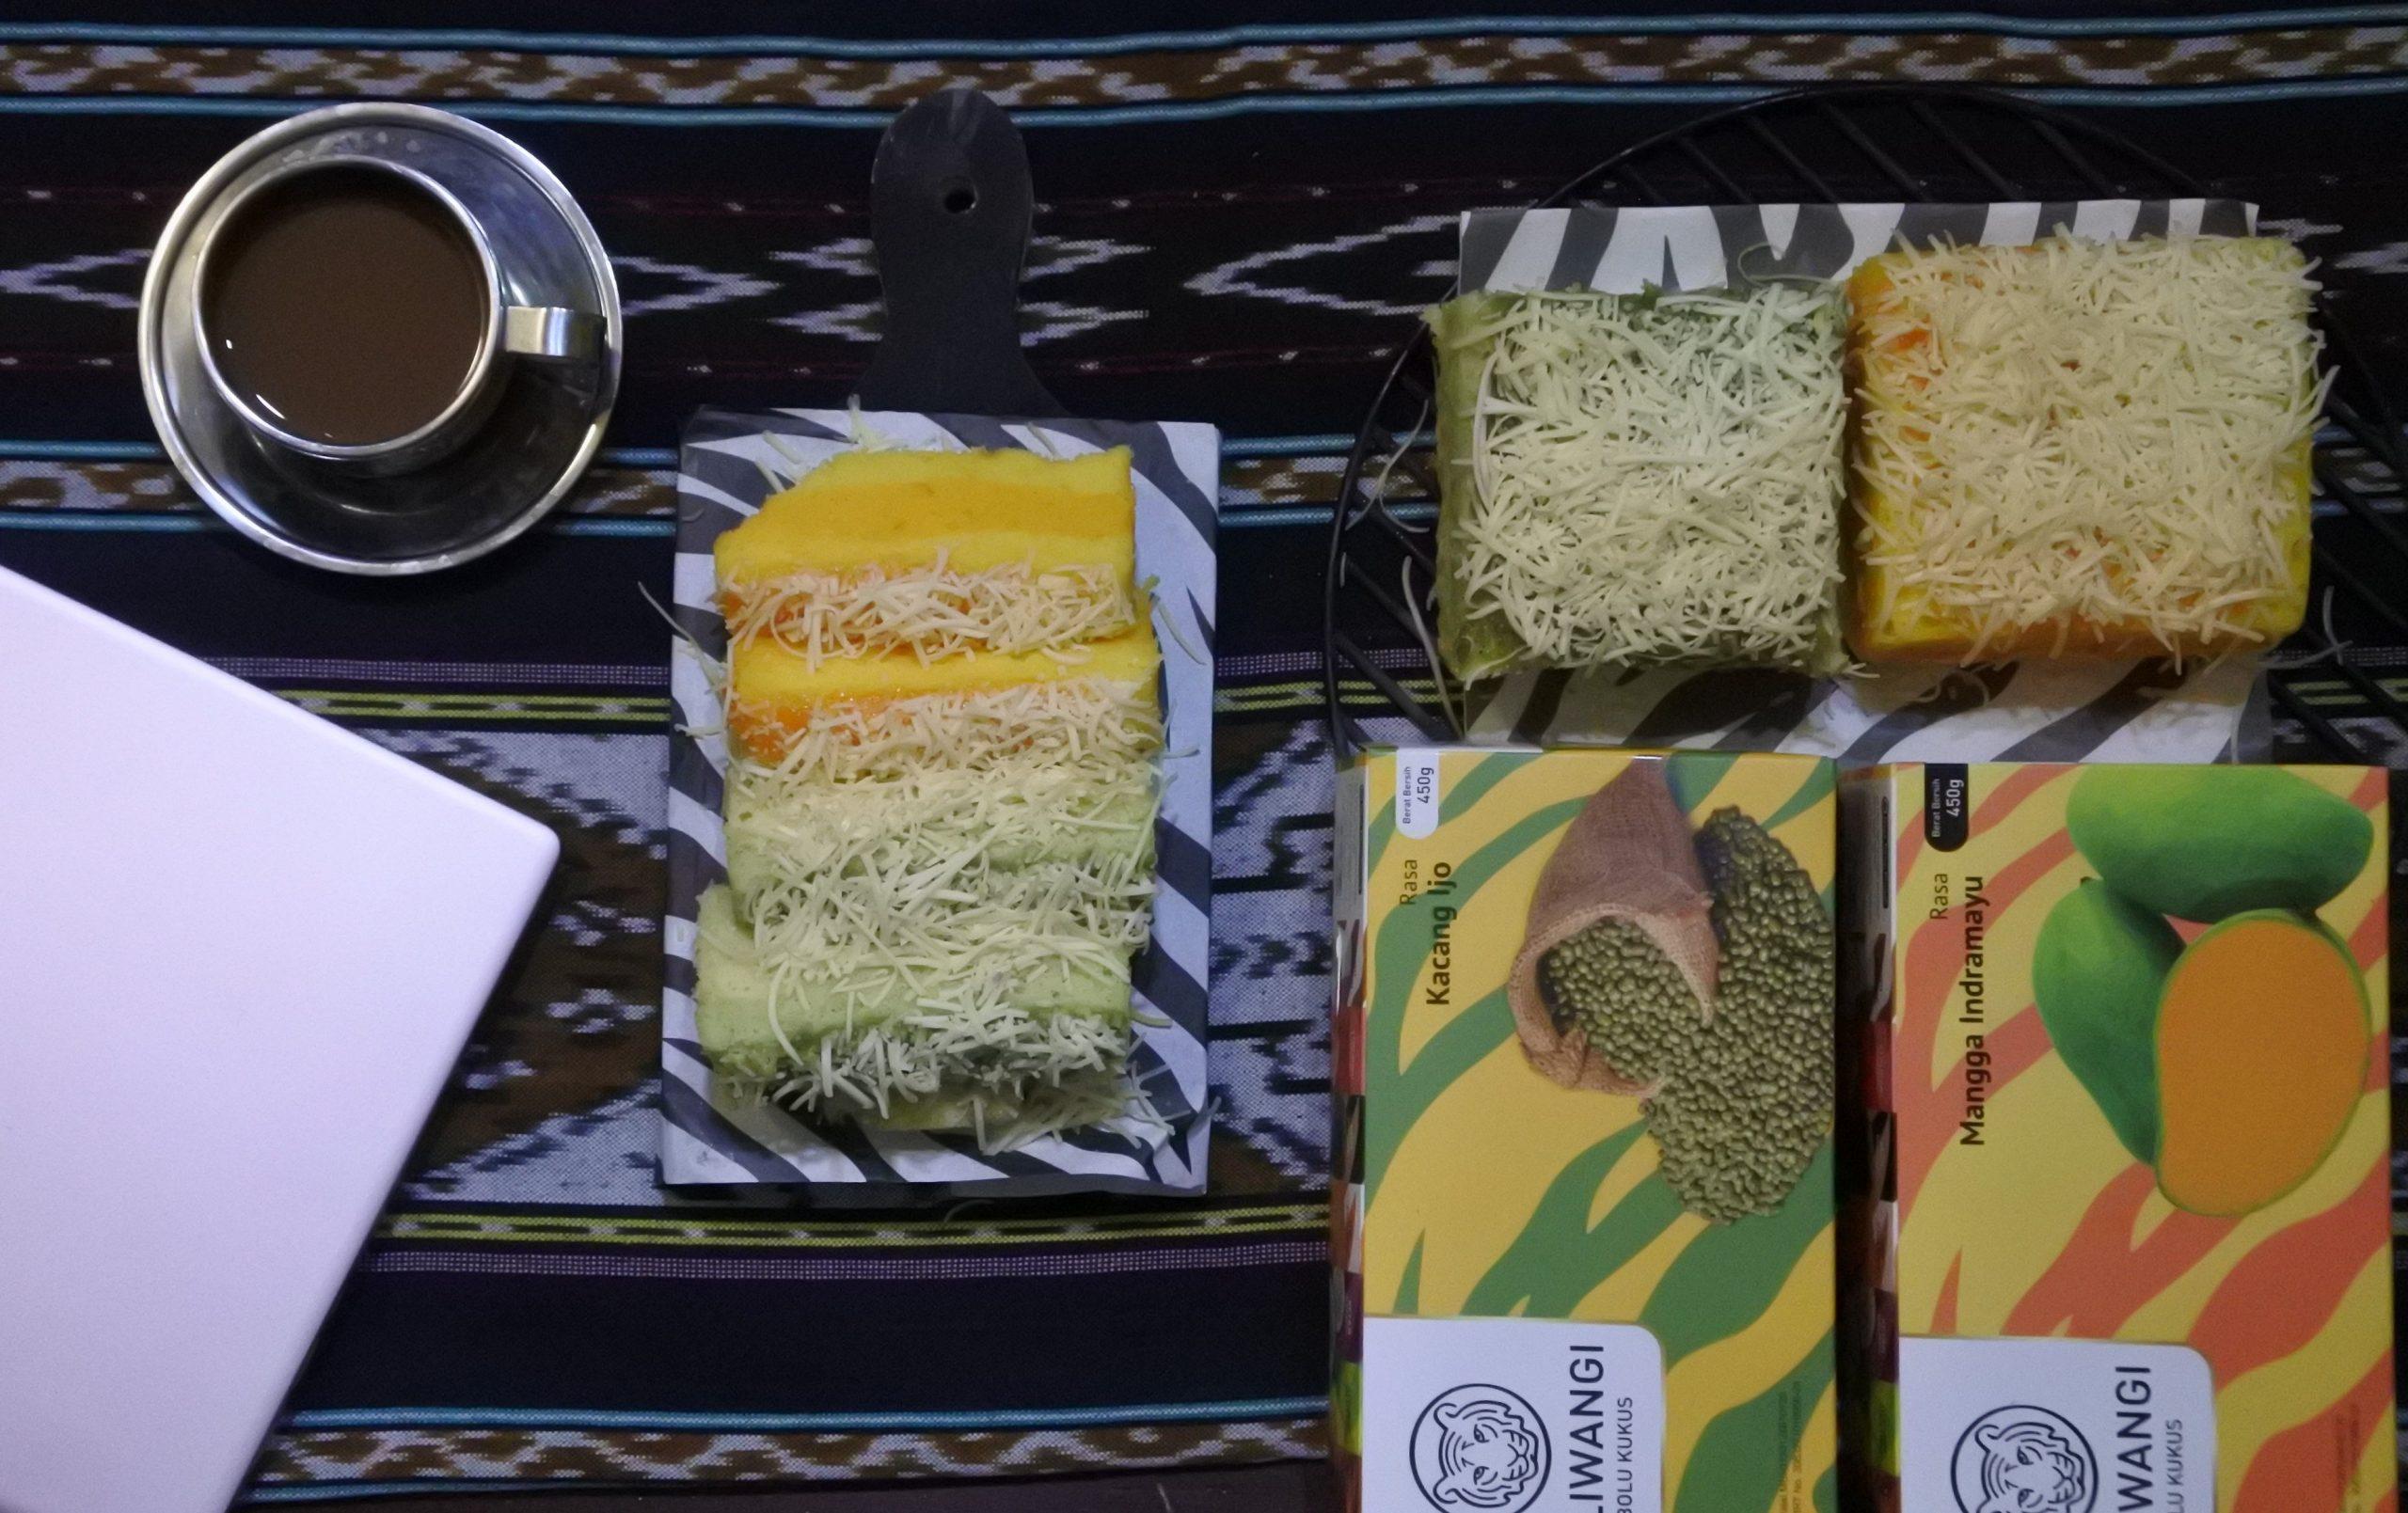 SBK Cikaret | Siliwangi Bolu Kukus| Opening Store Cikaret Cibinong | Rasa Baru | Blogger Bandung | Oleh-oleh Bumi Pasundan